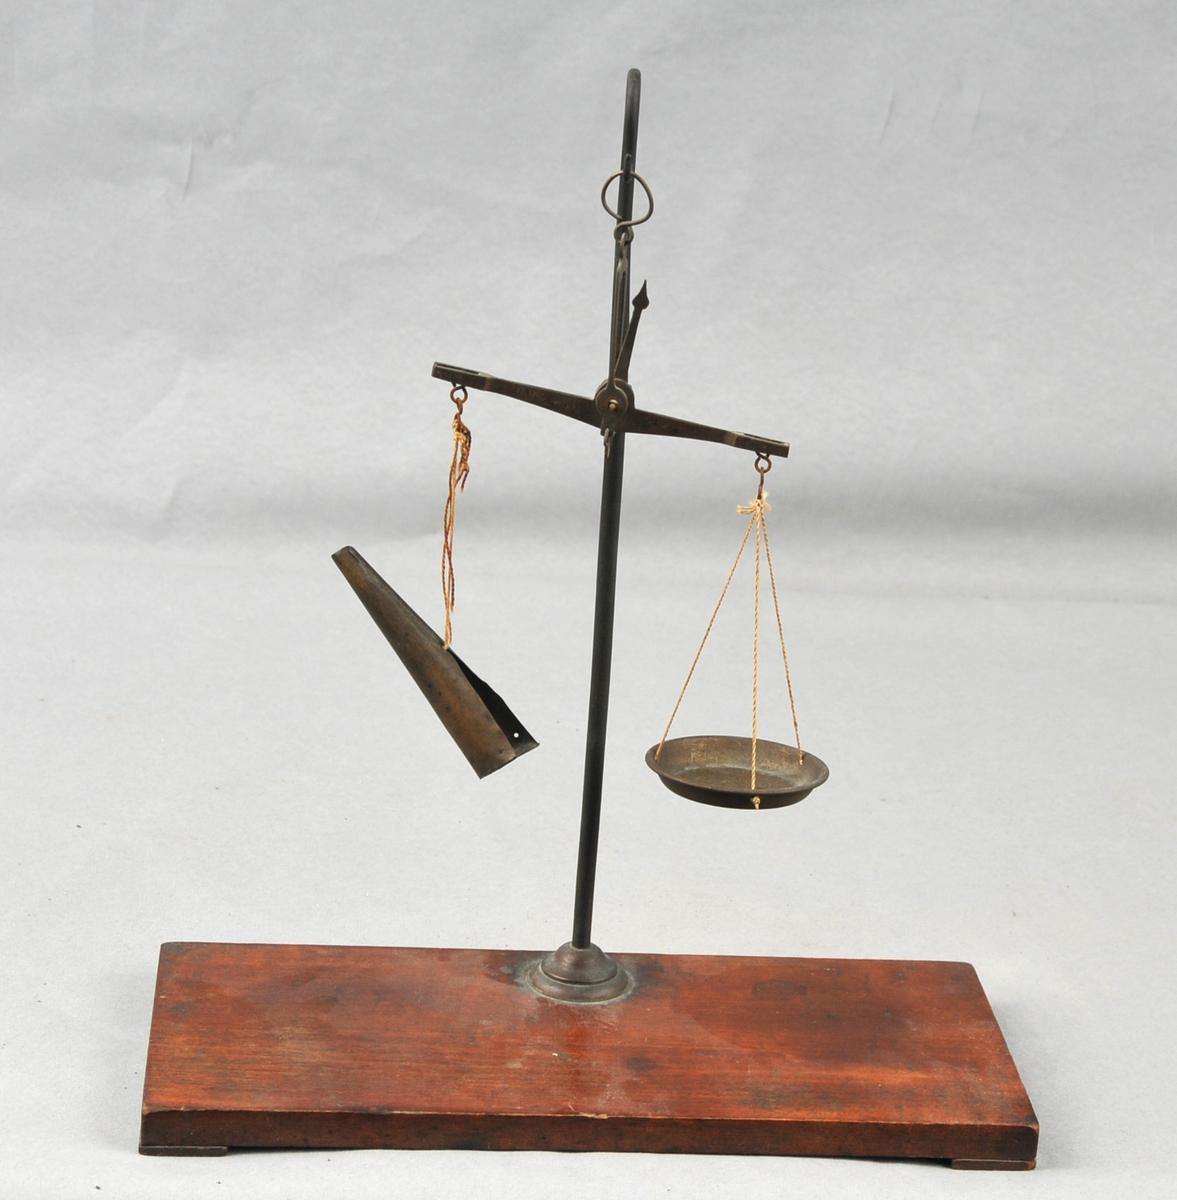 Treplate med stong til å henge vekta. Skålvekt med skål hengande i eine armen og kremmarhus i andre.